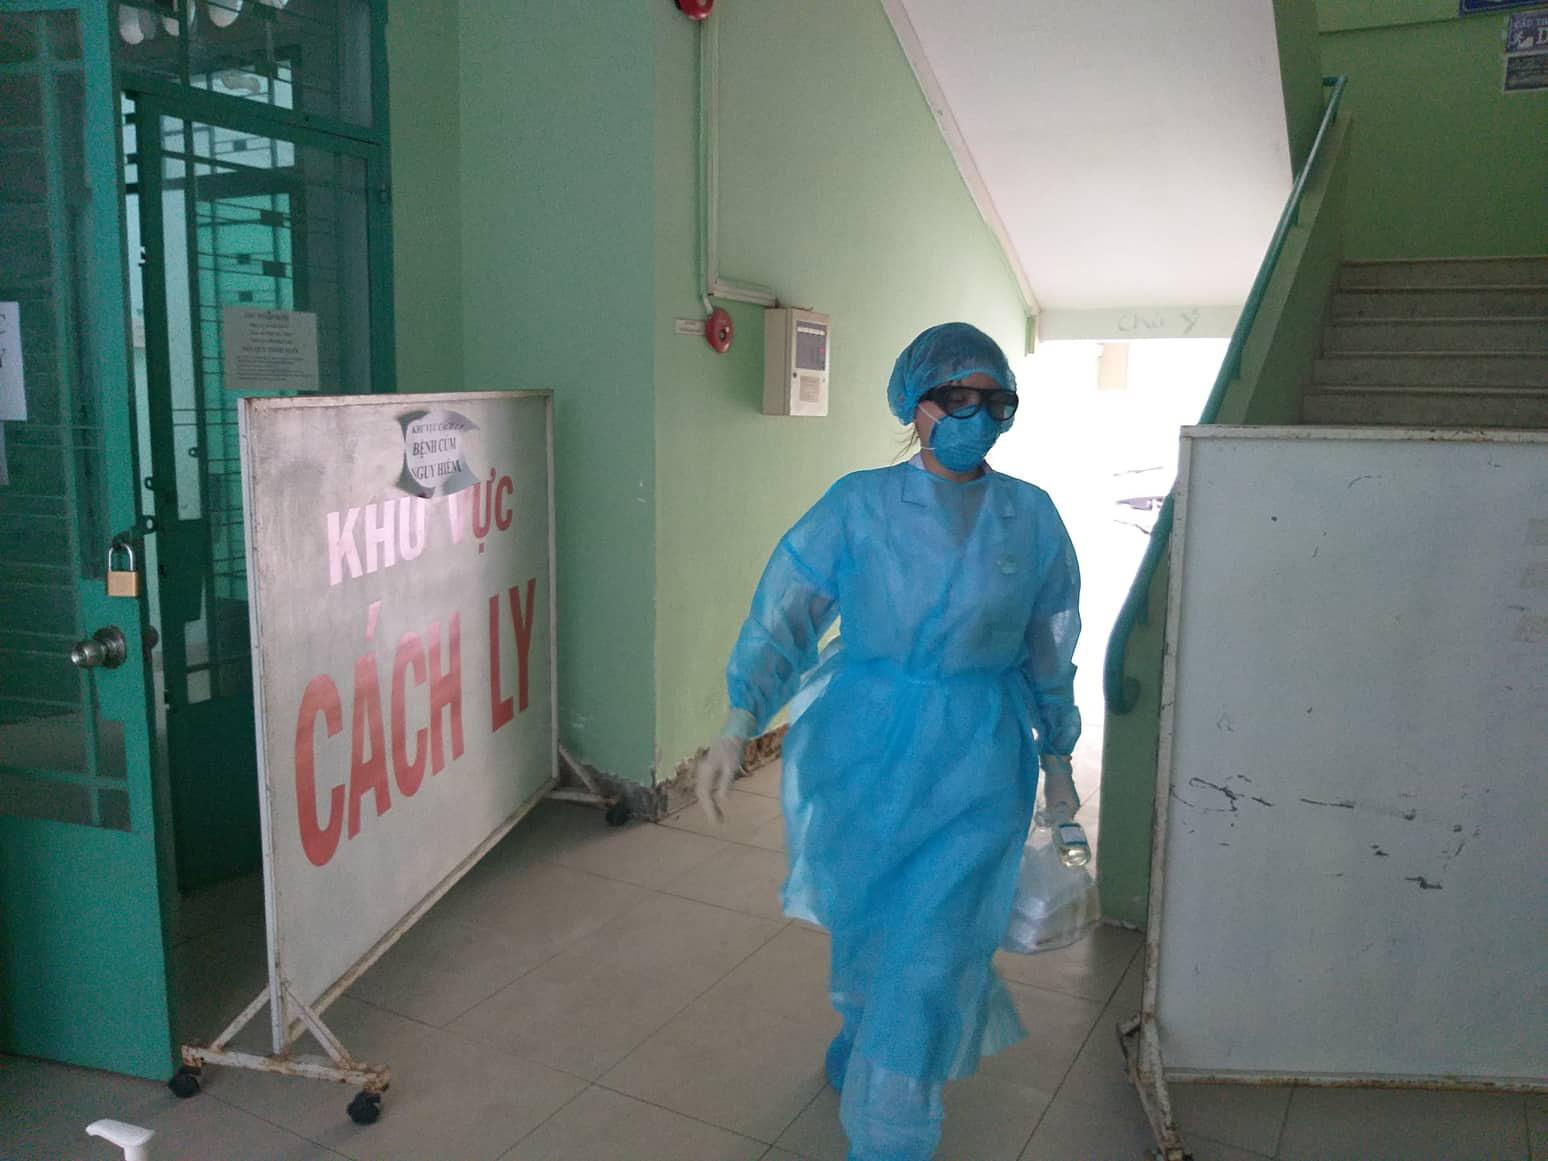 Tỉnh đầu tiên có ca người Việt Nam dương tính với Covid-19 cho học sinh đi học trở lại từ ngày 17/2 - Ảnh 2.